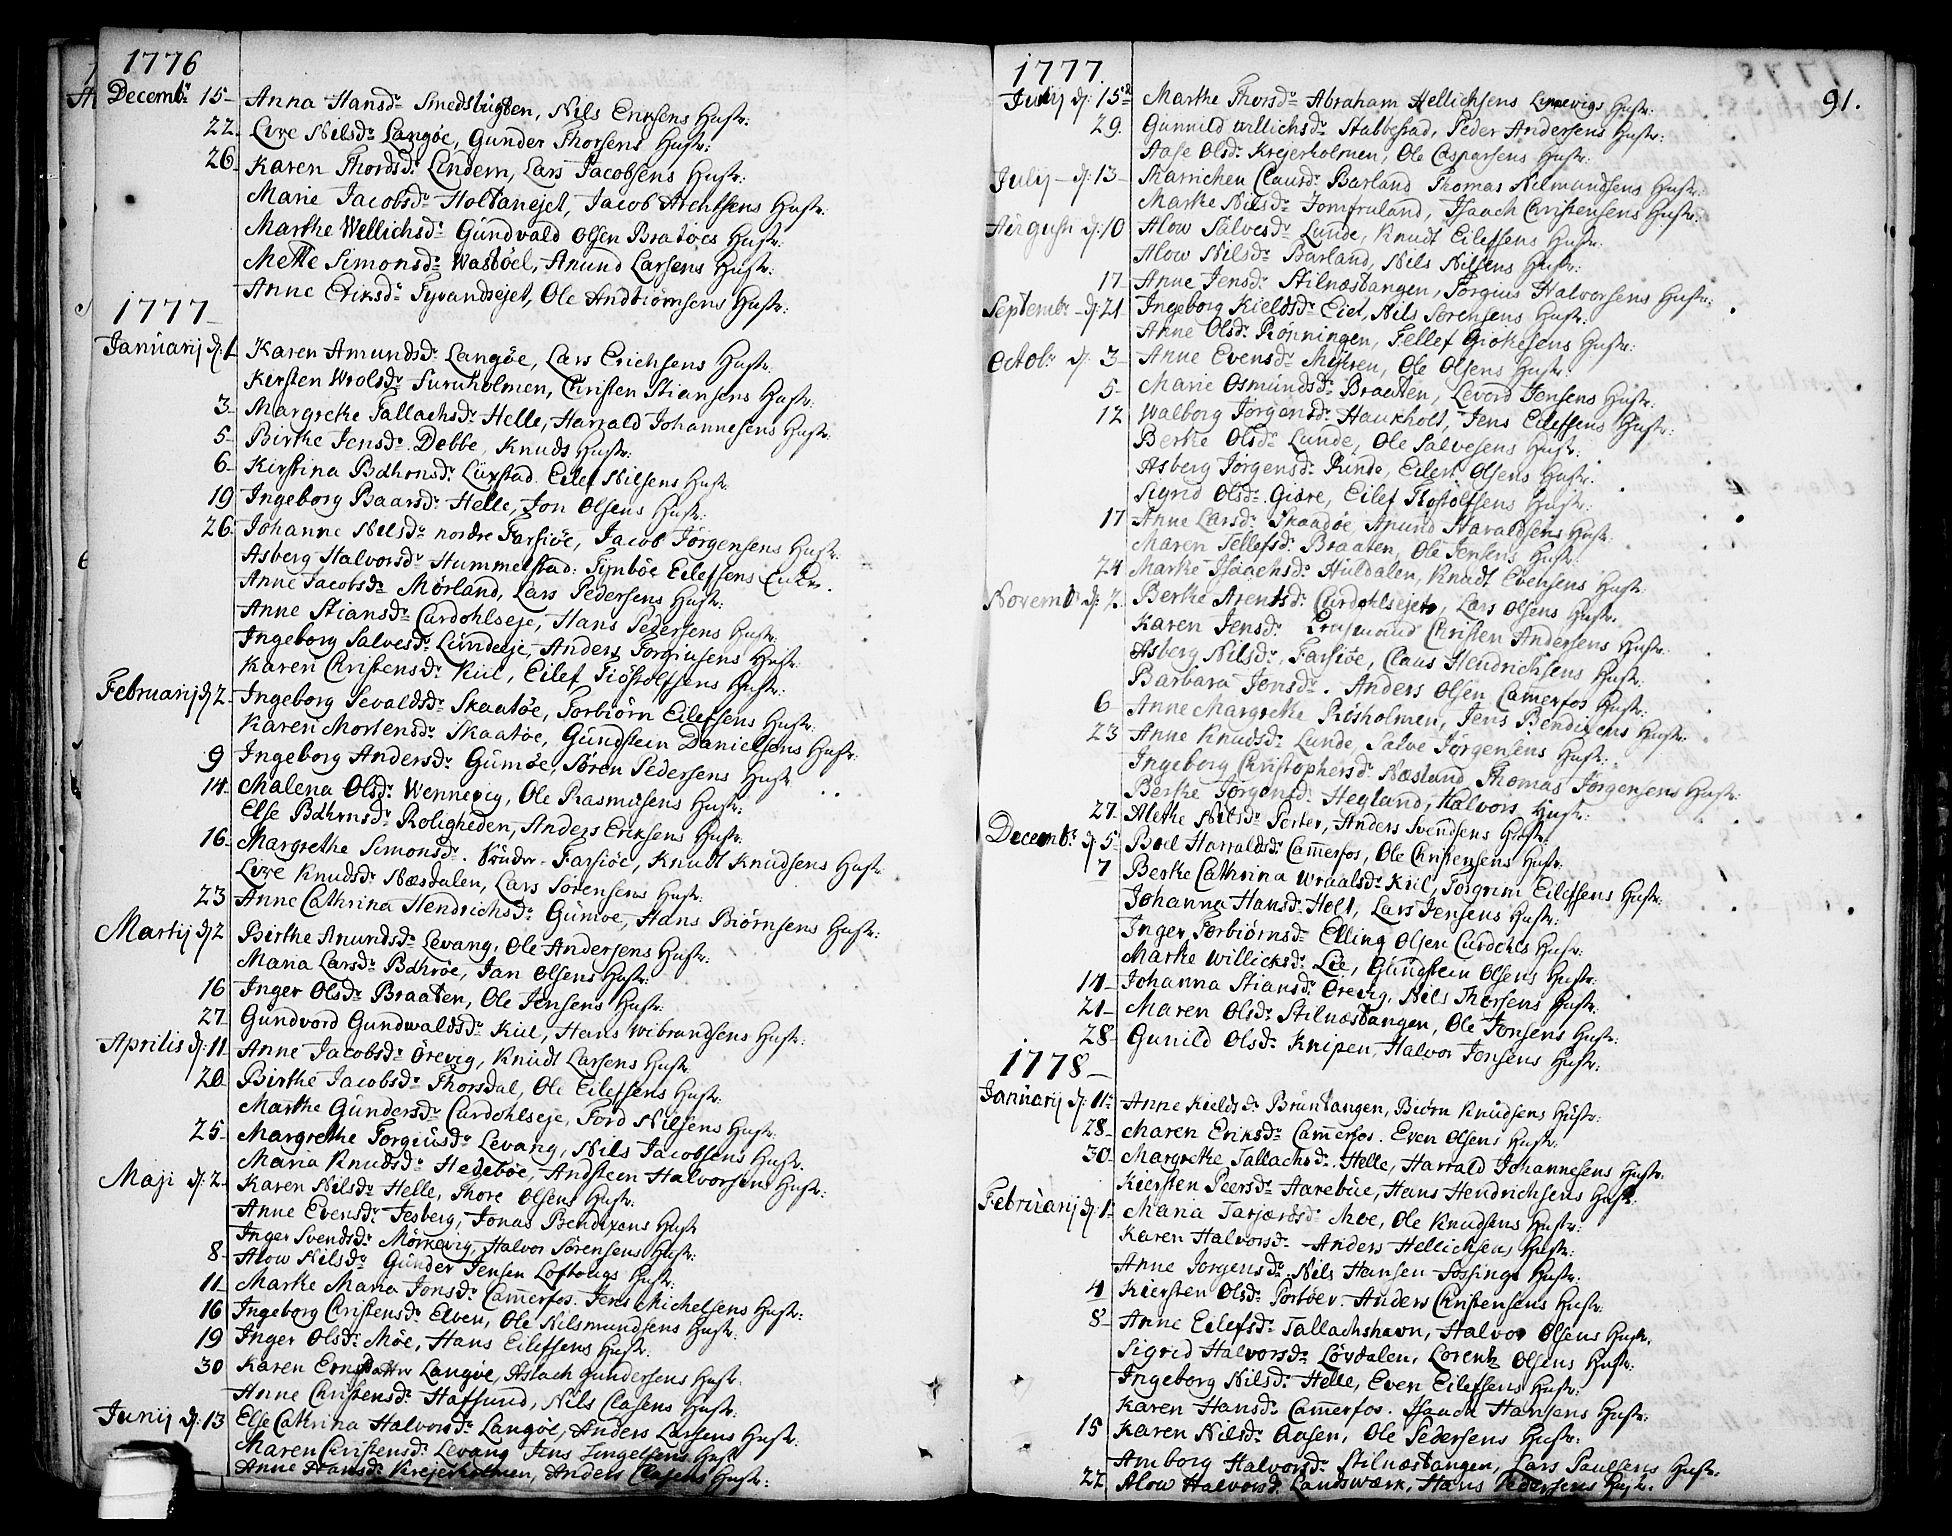 SAKO, Sannidal kirkebøker, F/Fa/L0002: Ministerialbok nr. 2, 1767-1802, s. 91